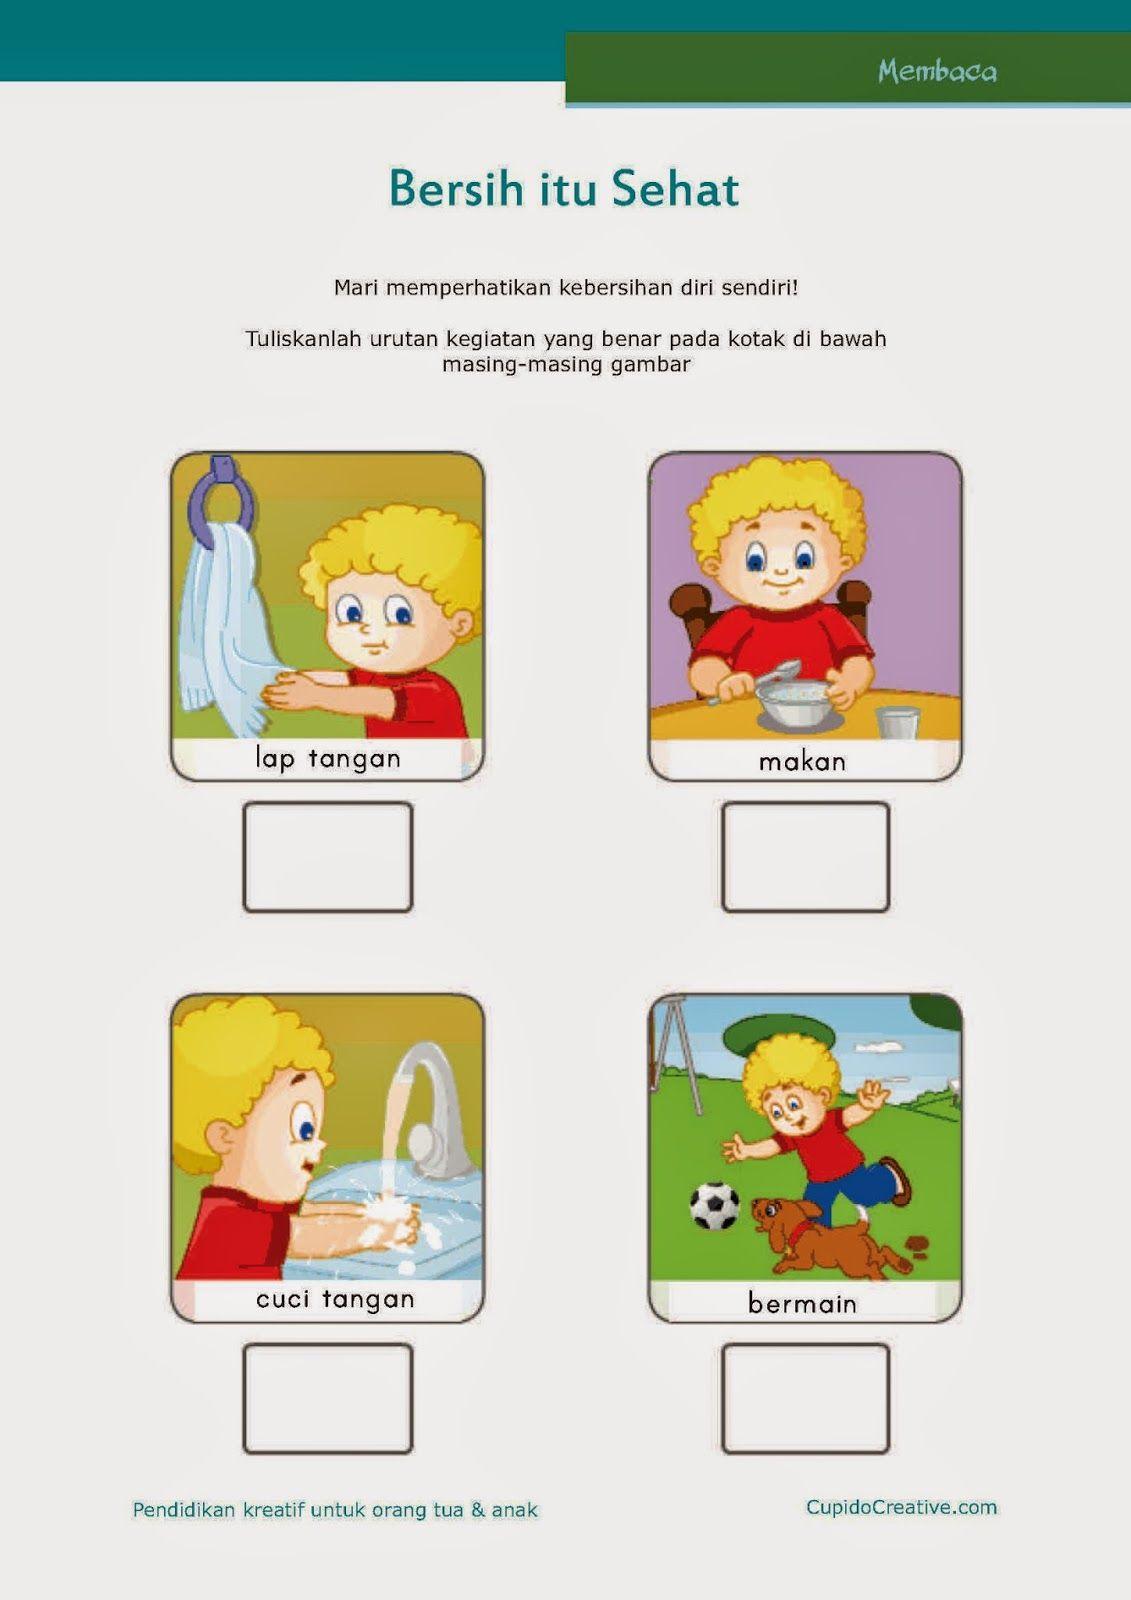 Worksheets Worksheet-belajar-membaca belajar membaca untuk sd kelas 1 kebersihan pribadi anak cuci tangan setelah bermain